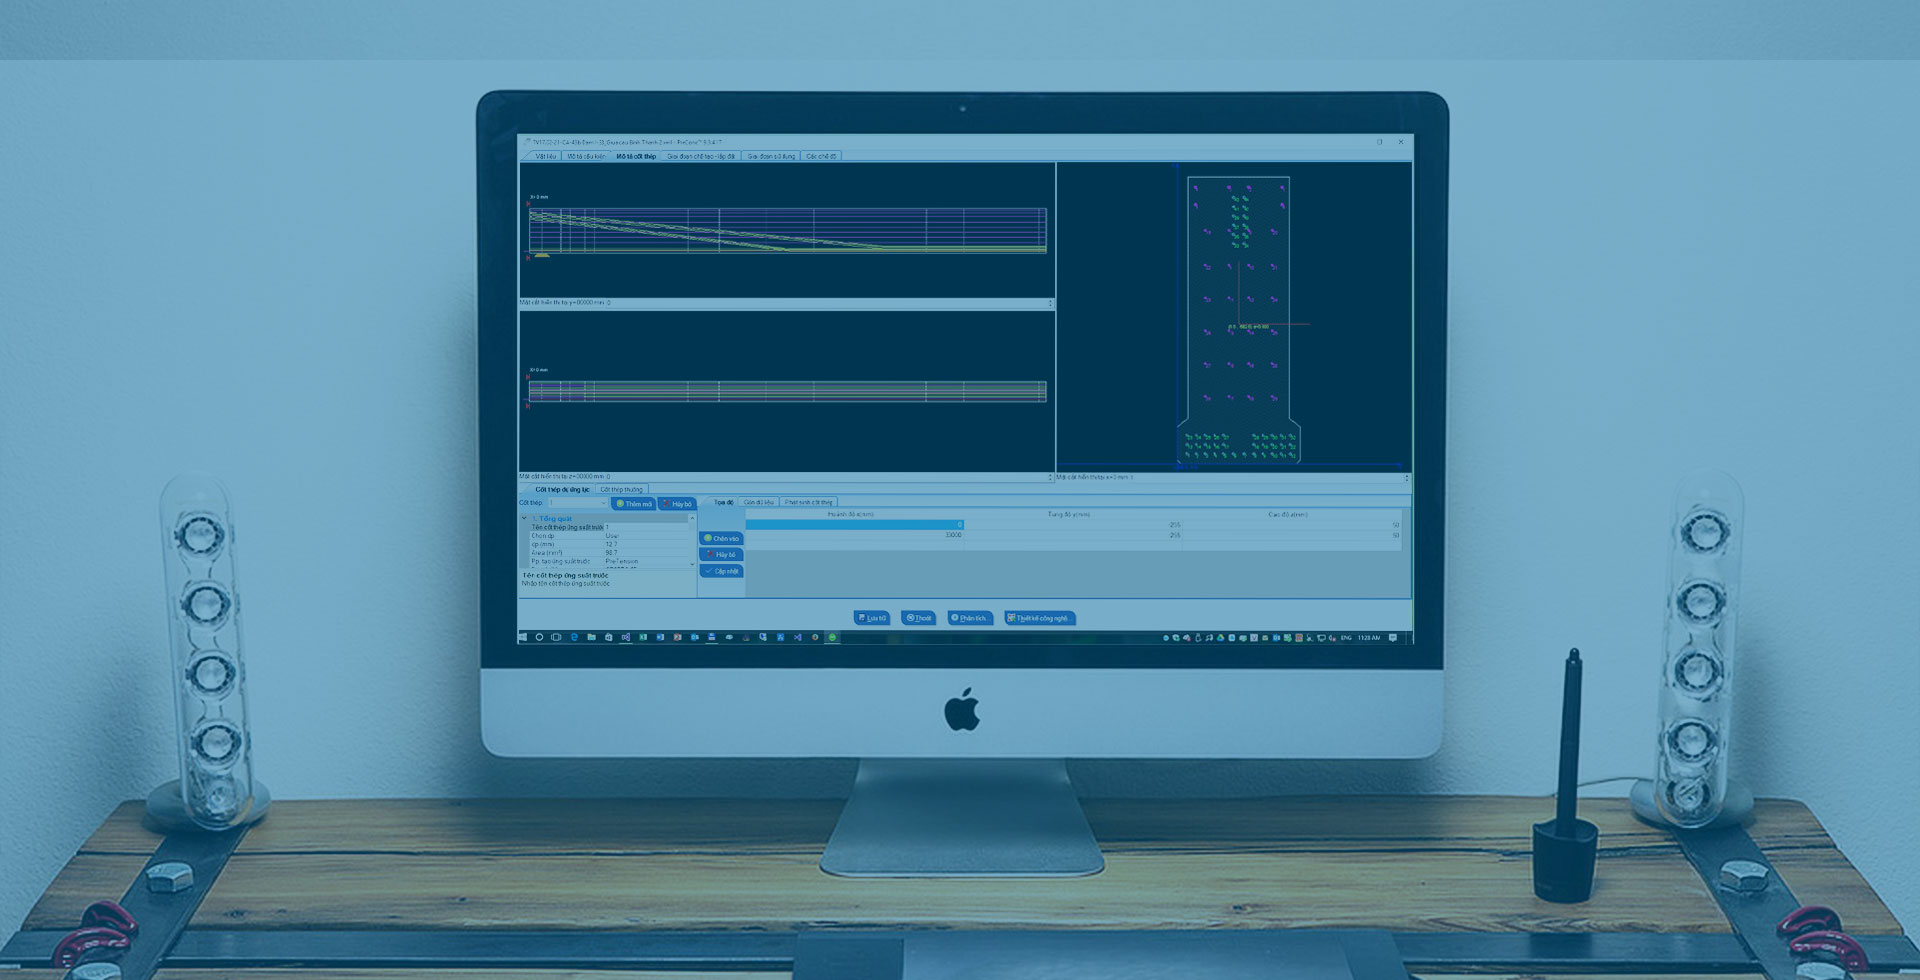 Chương trình ứng dụng Preconc